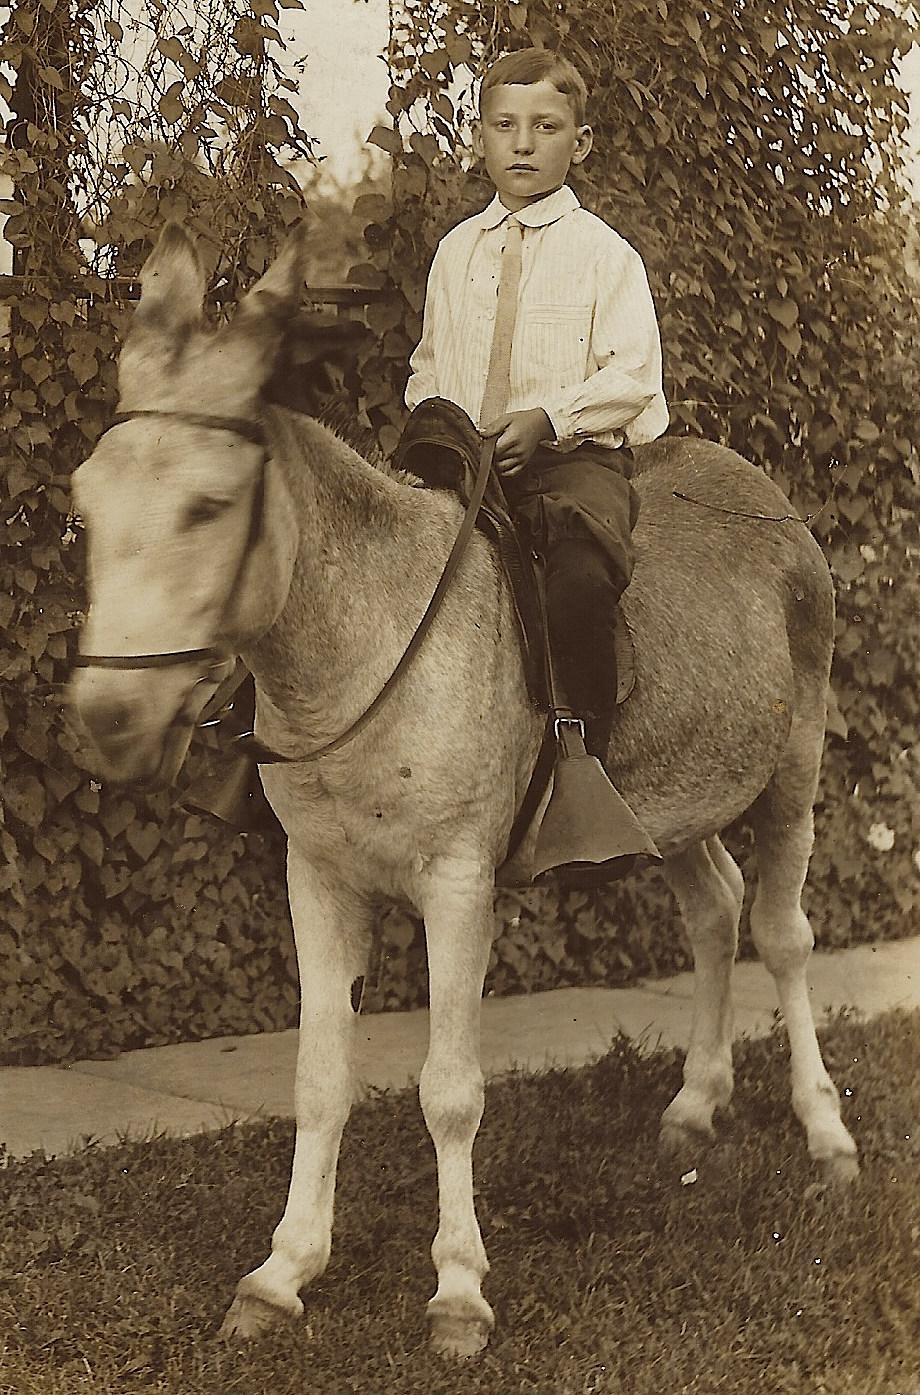 boy riding donkey 1